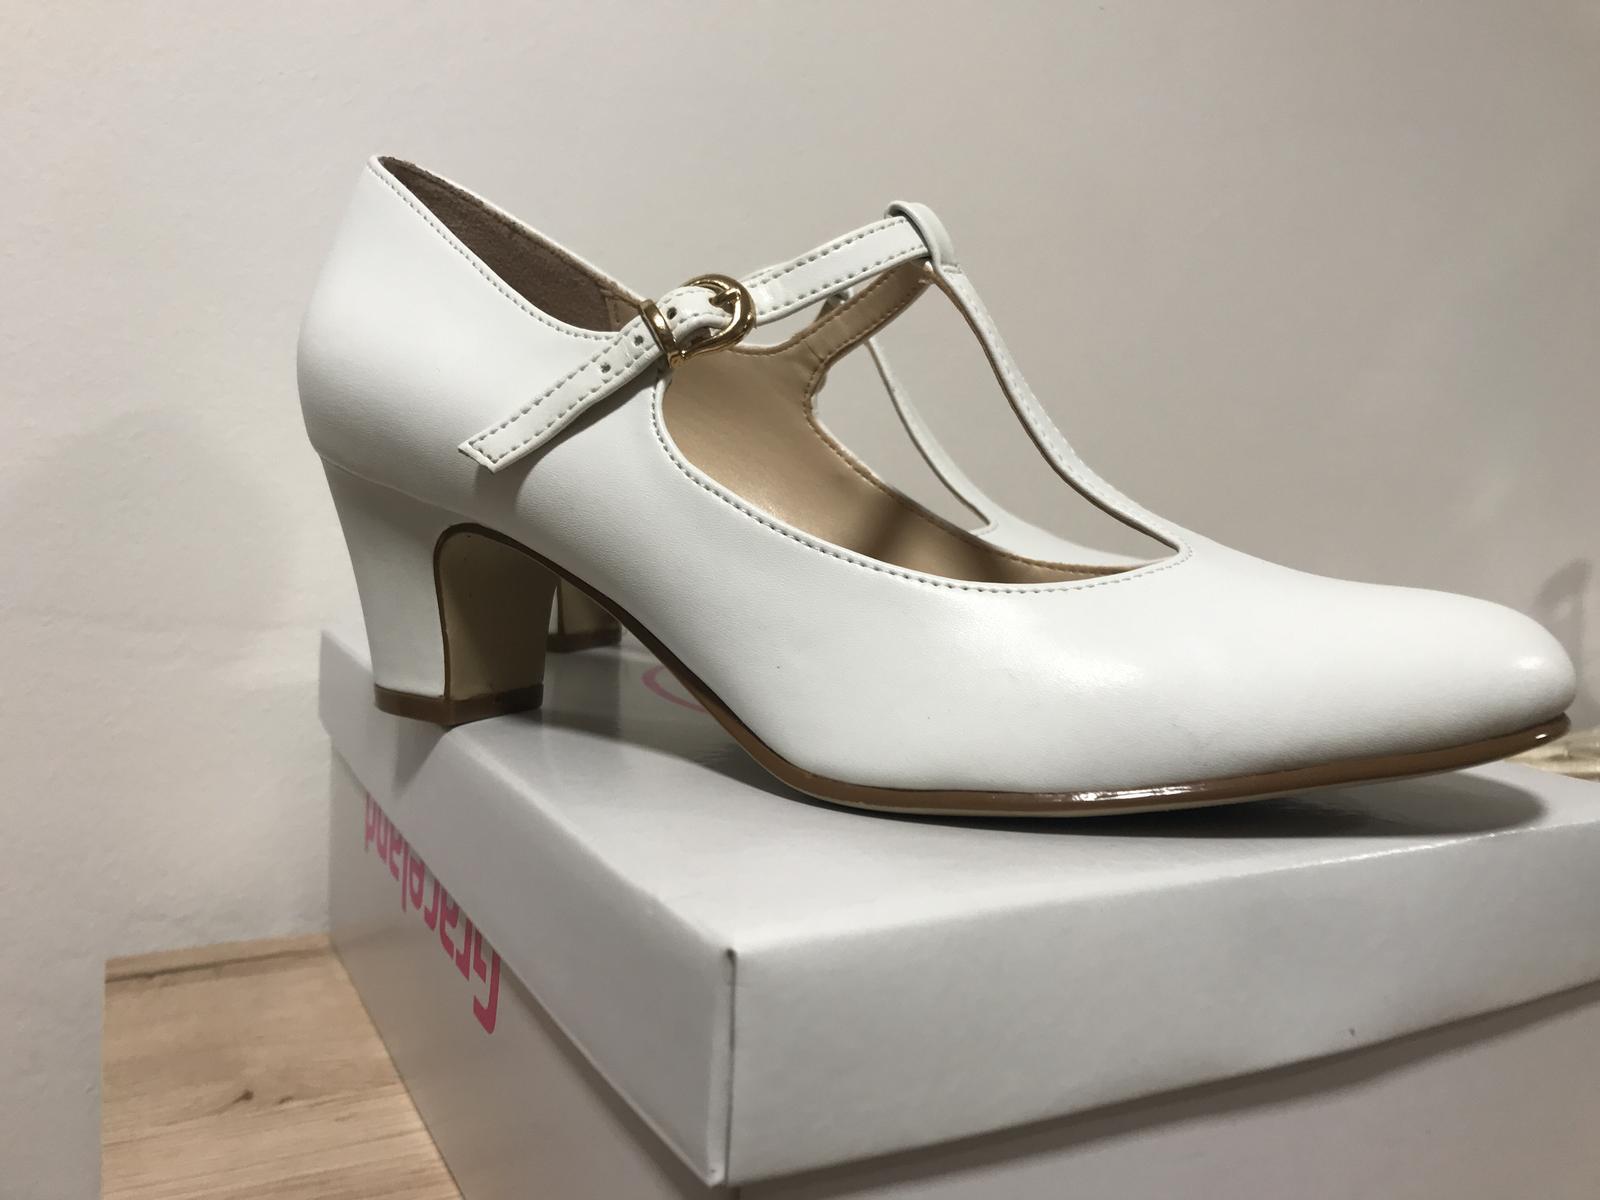 prodám svatební boty - Obrázek č. 2